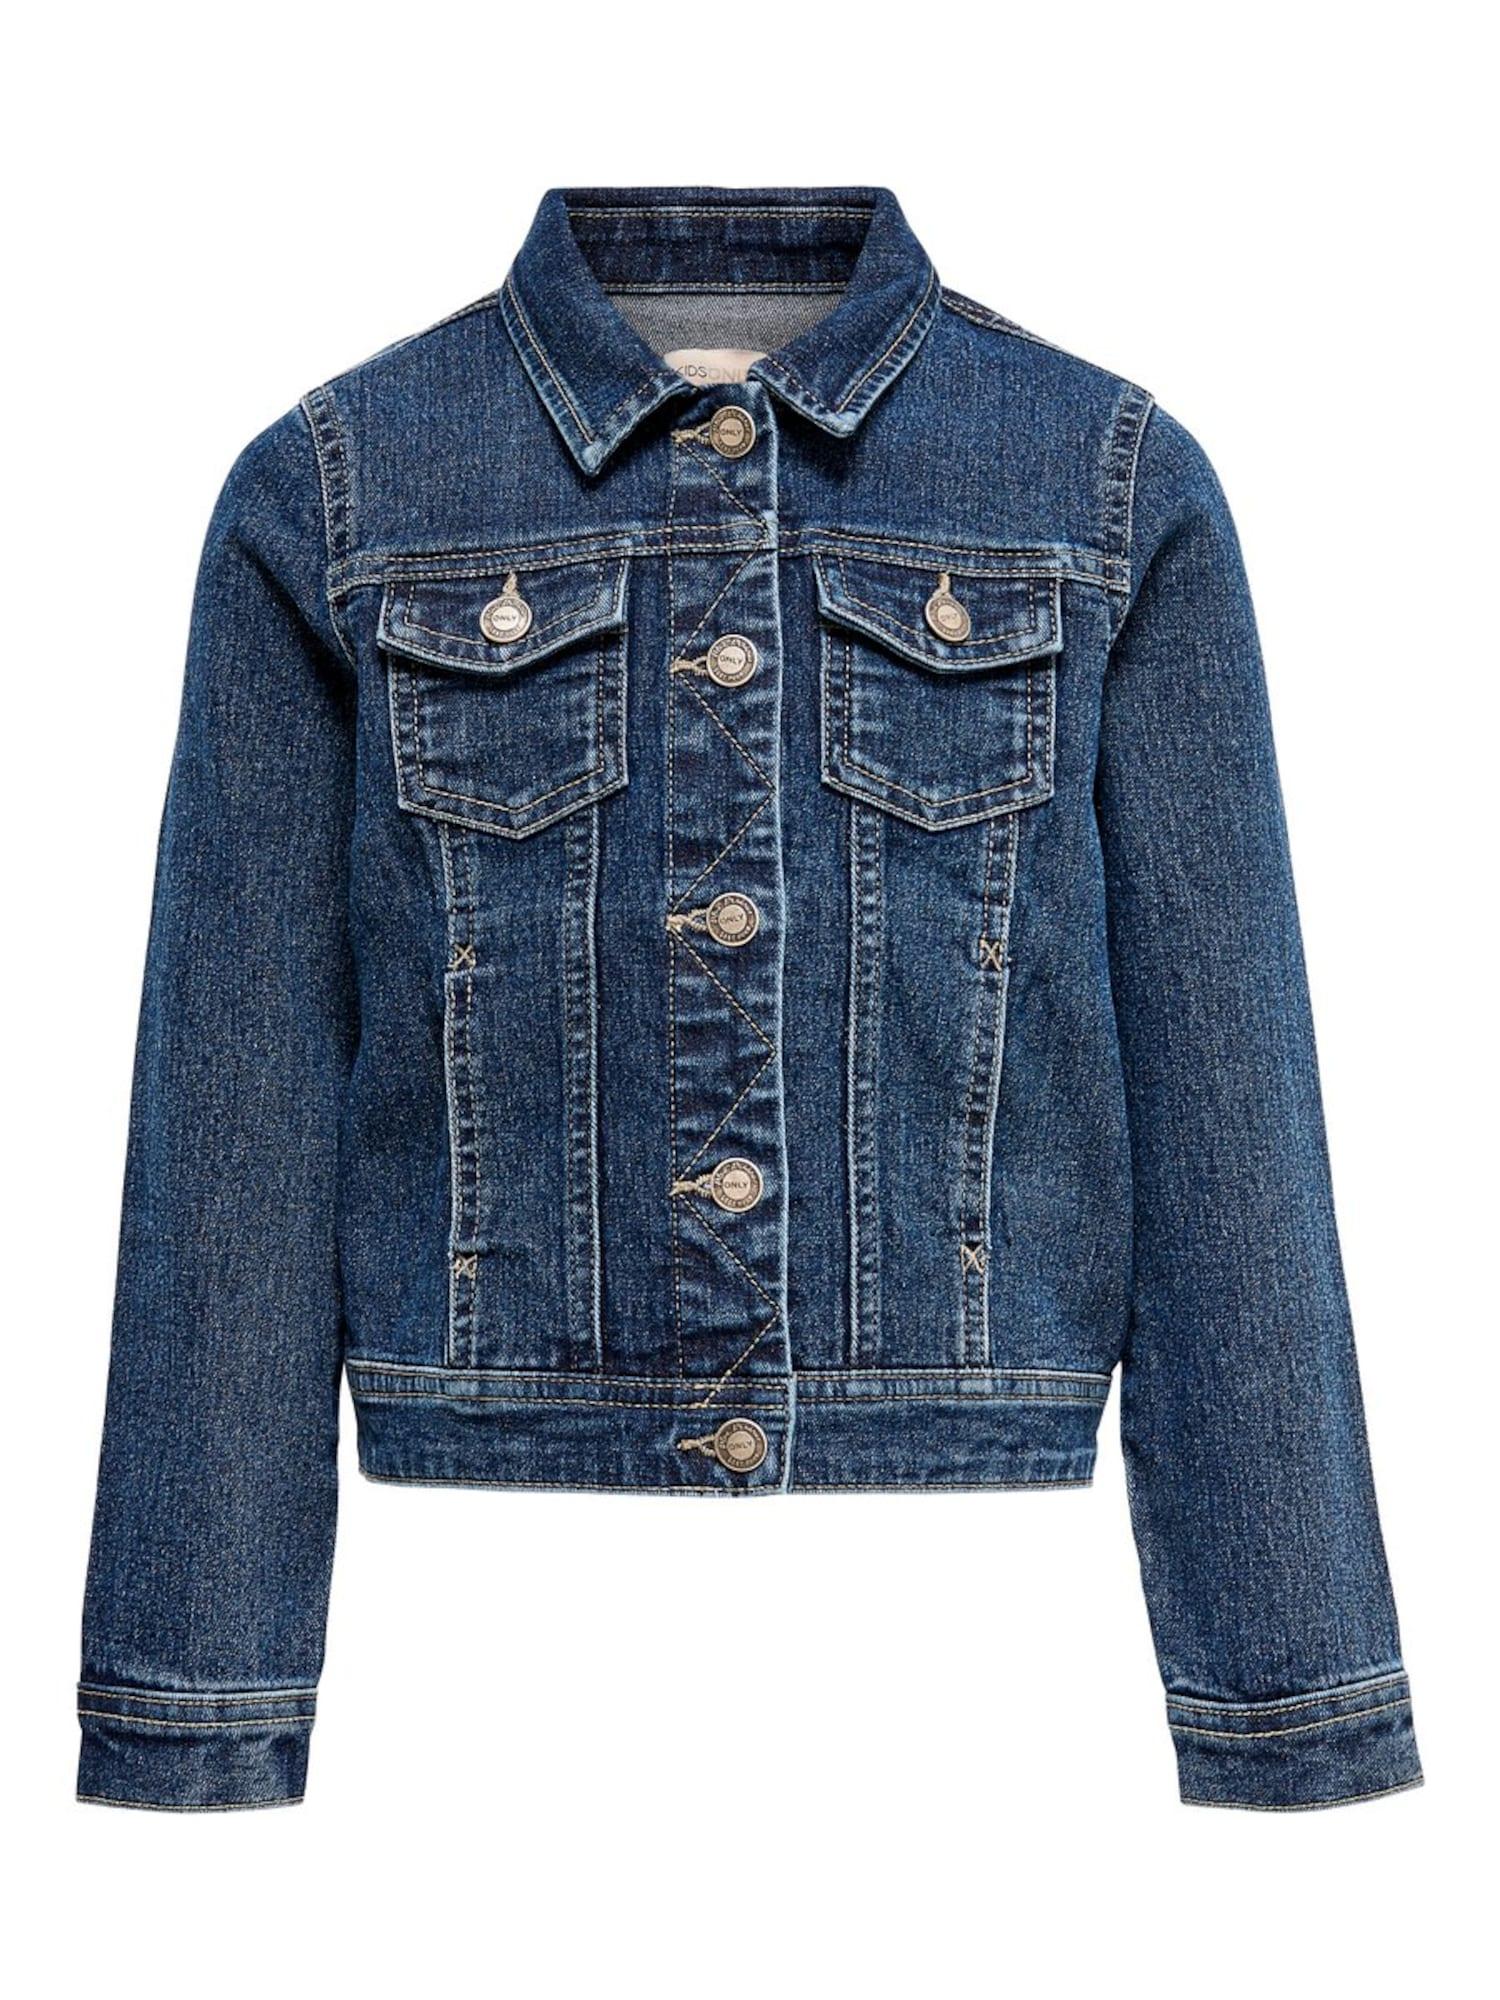 KIDS ONLY Demisezoninė striukė tamsiai (džinso) mėlyna